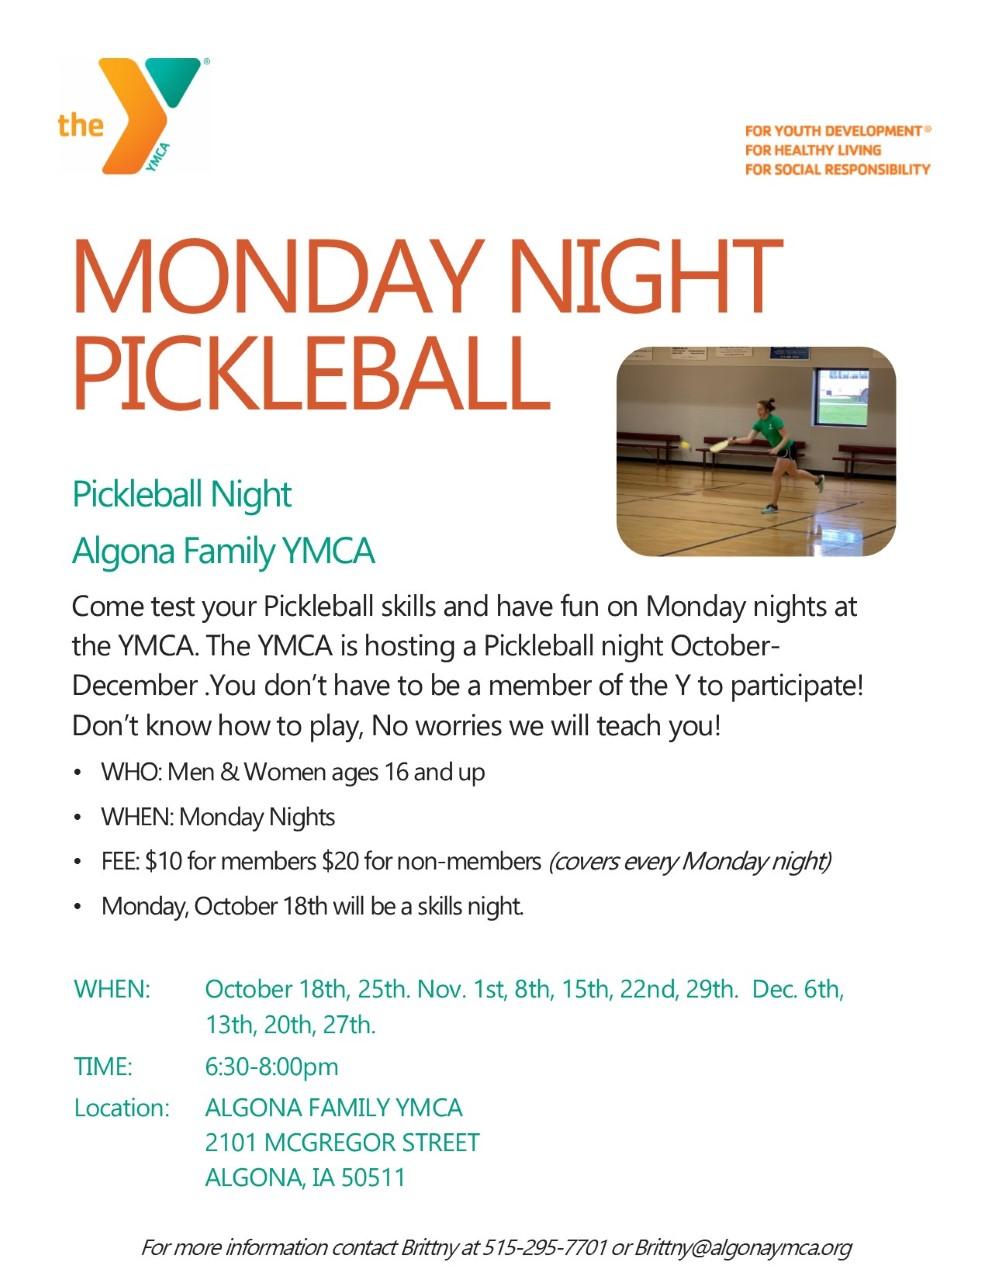 Algona YMCA Monday Night Pickleball